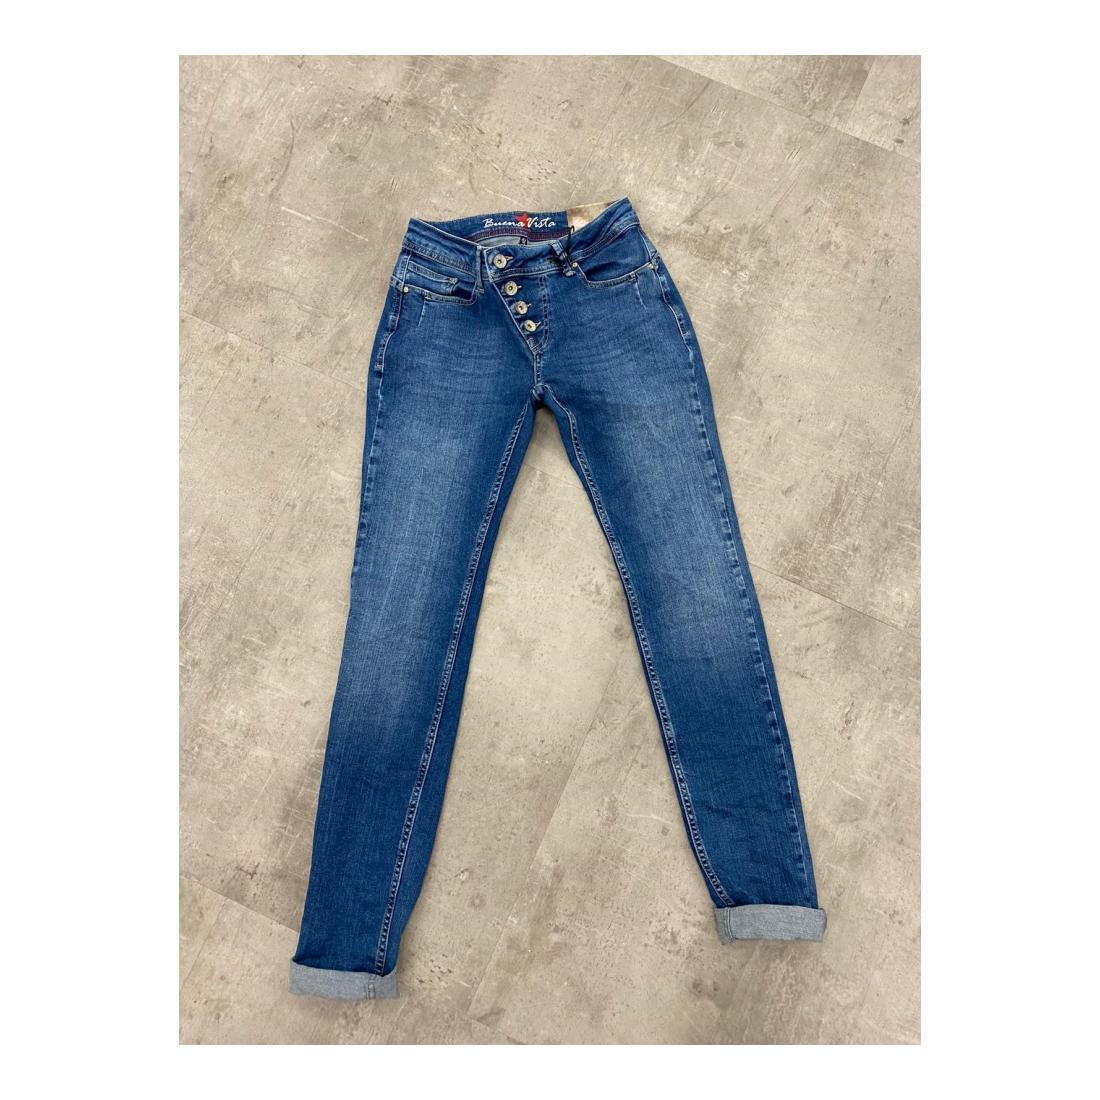 Buena Vista Jeans Damen Malibu stretch denim